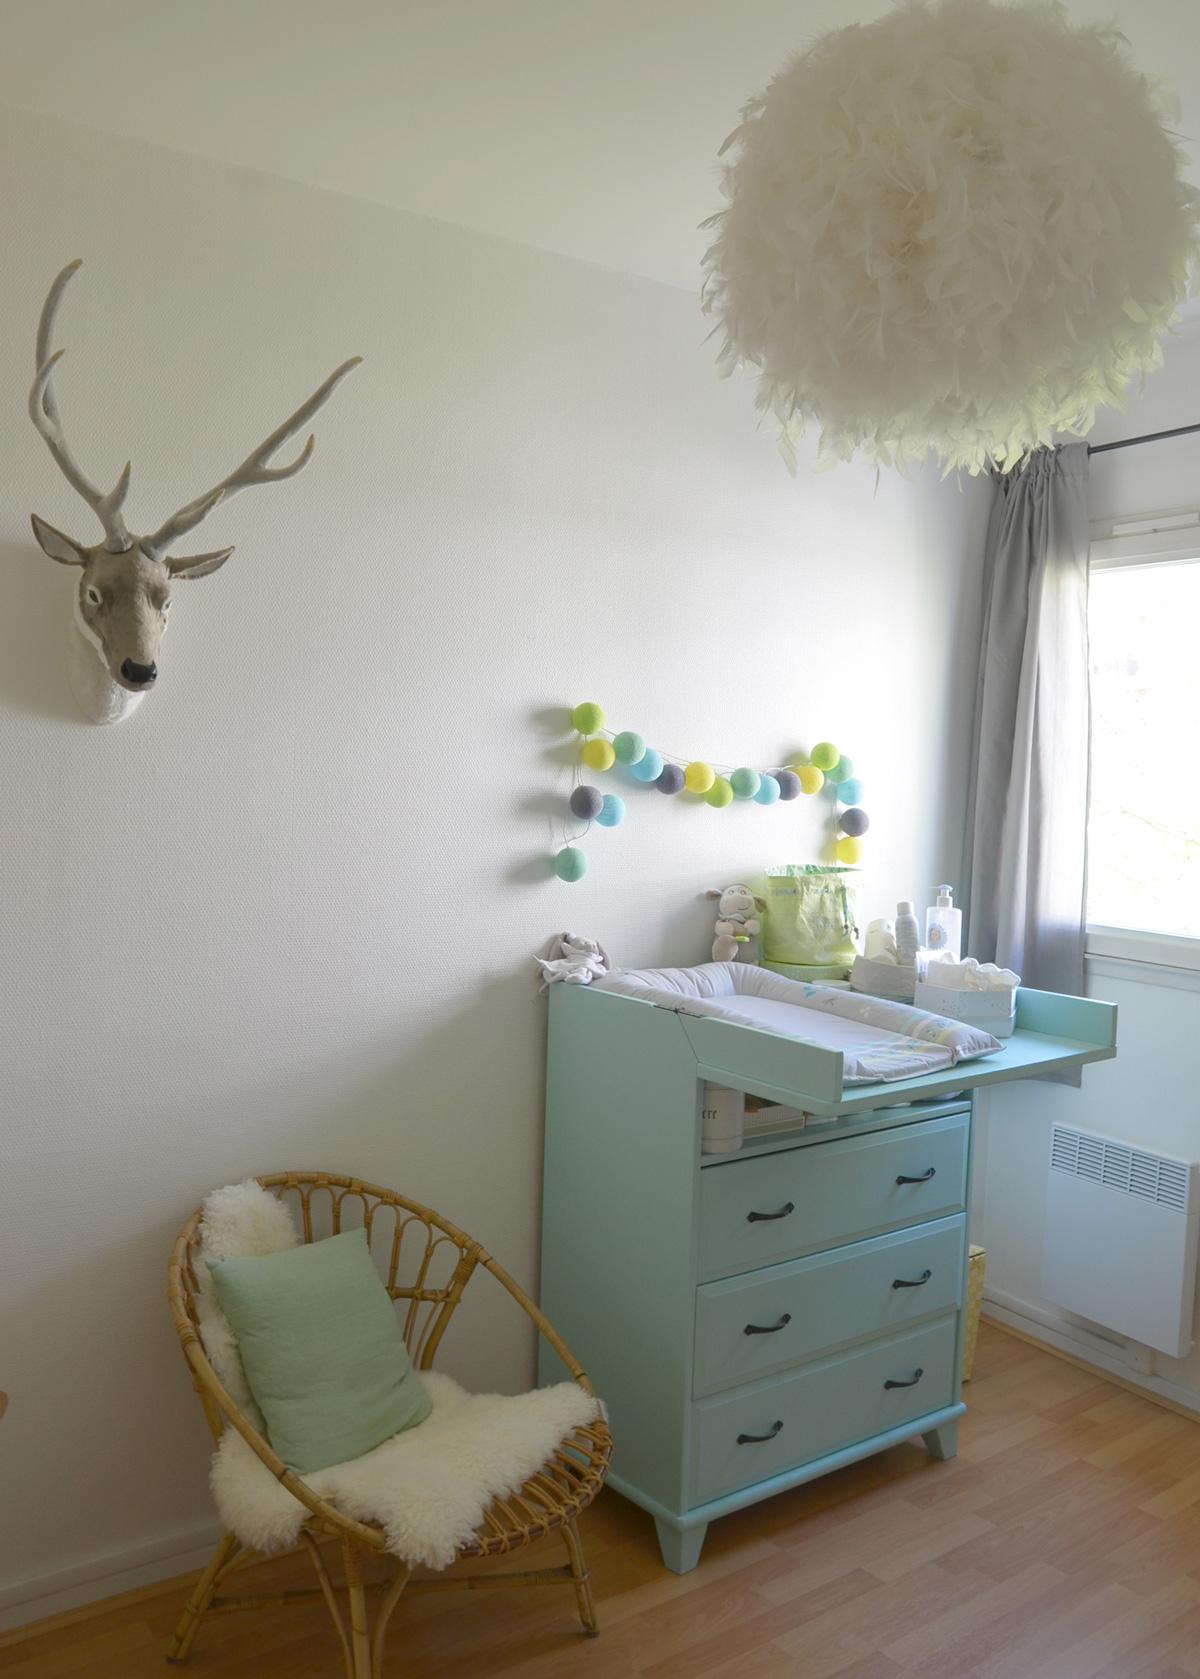 Chambre bebe deco nature - Decoration chambre nature ...